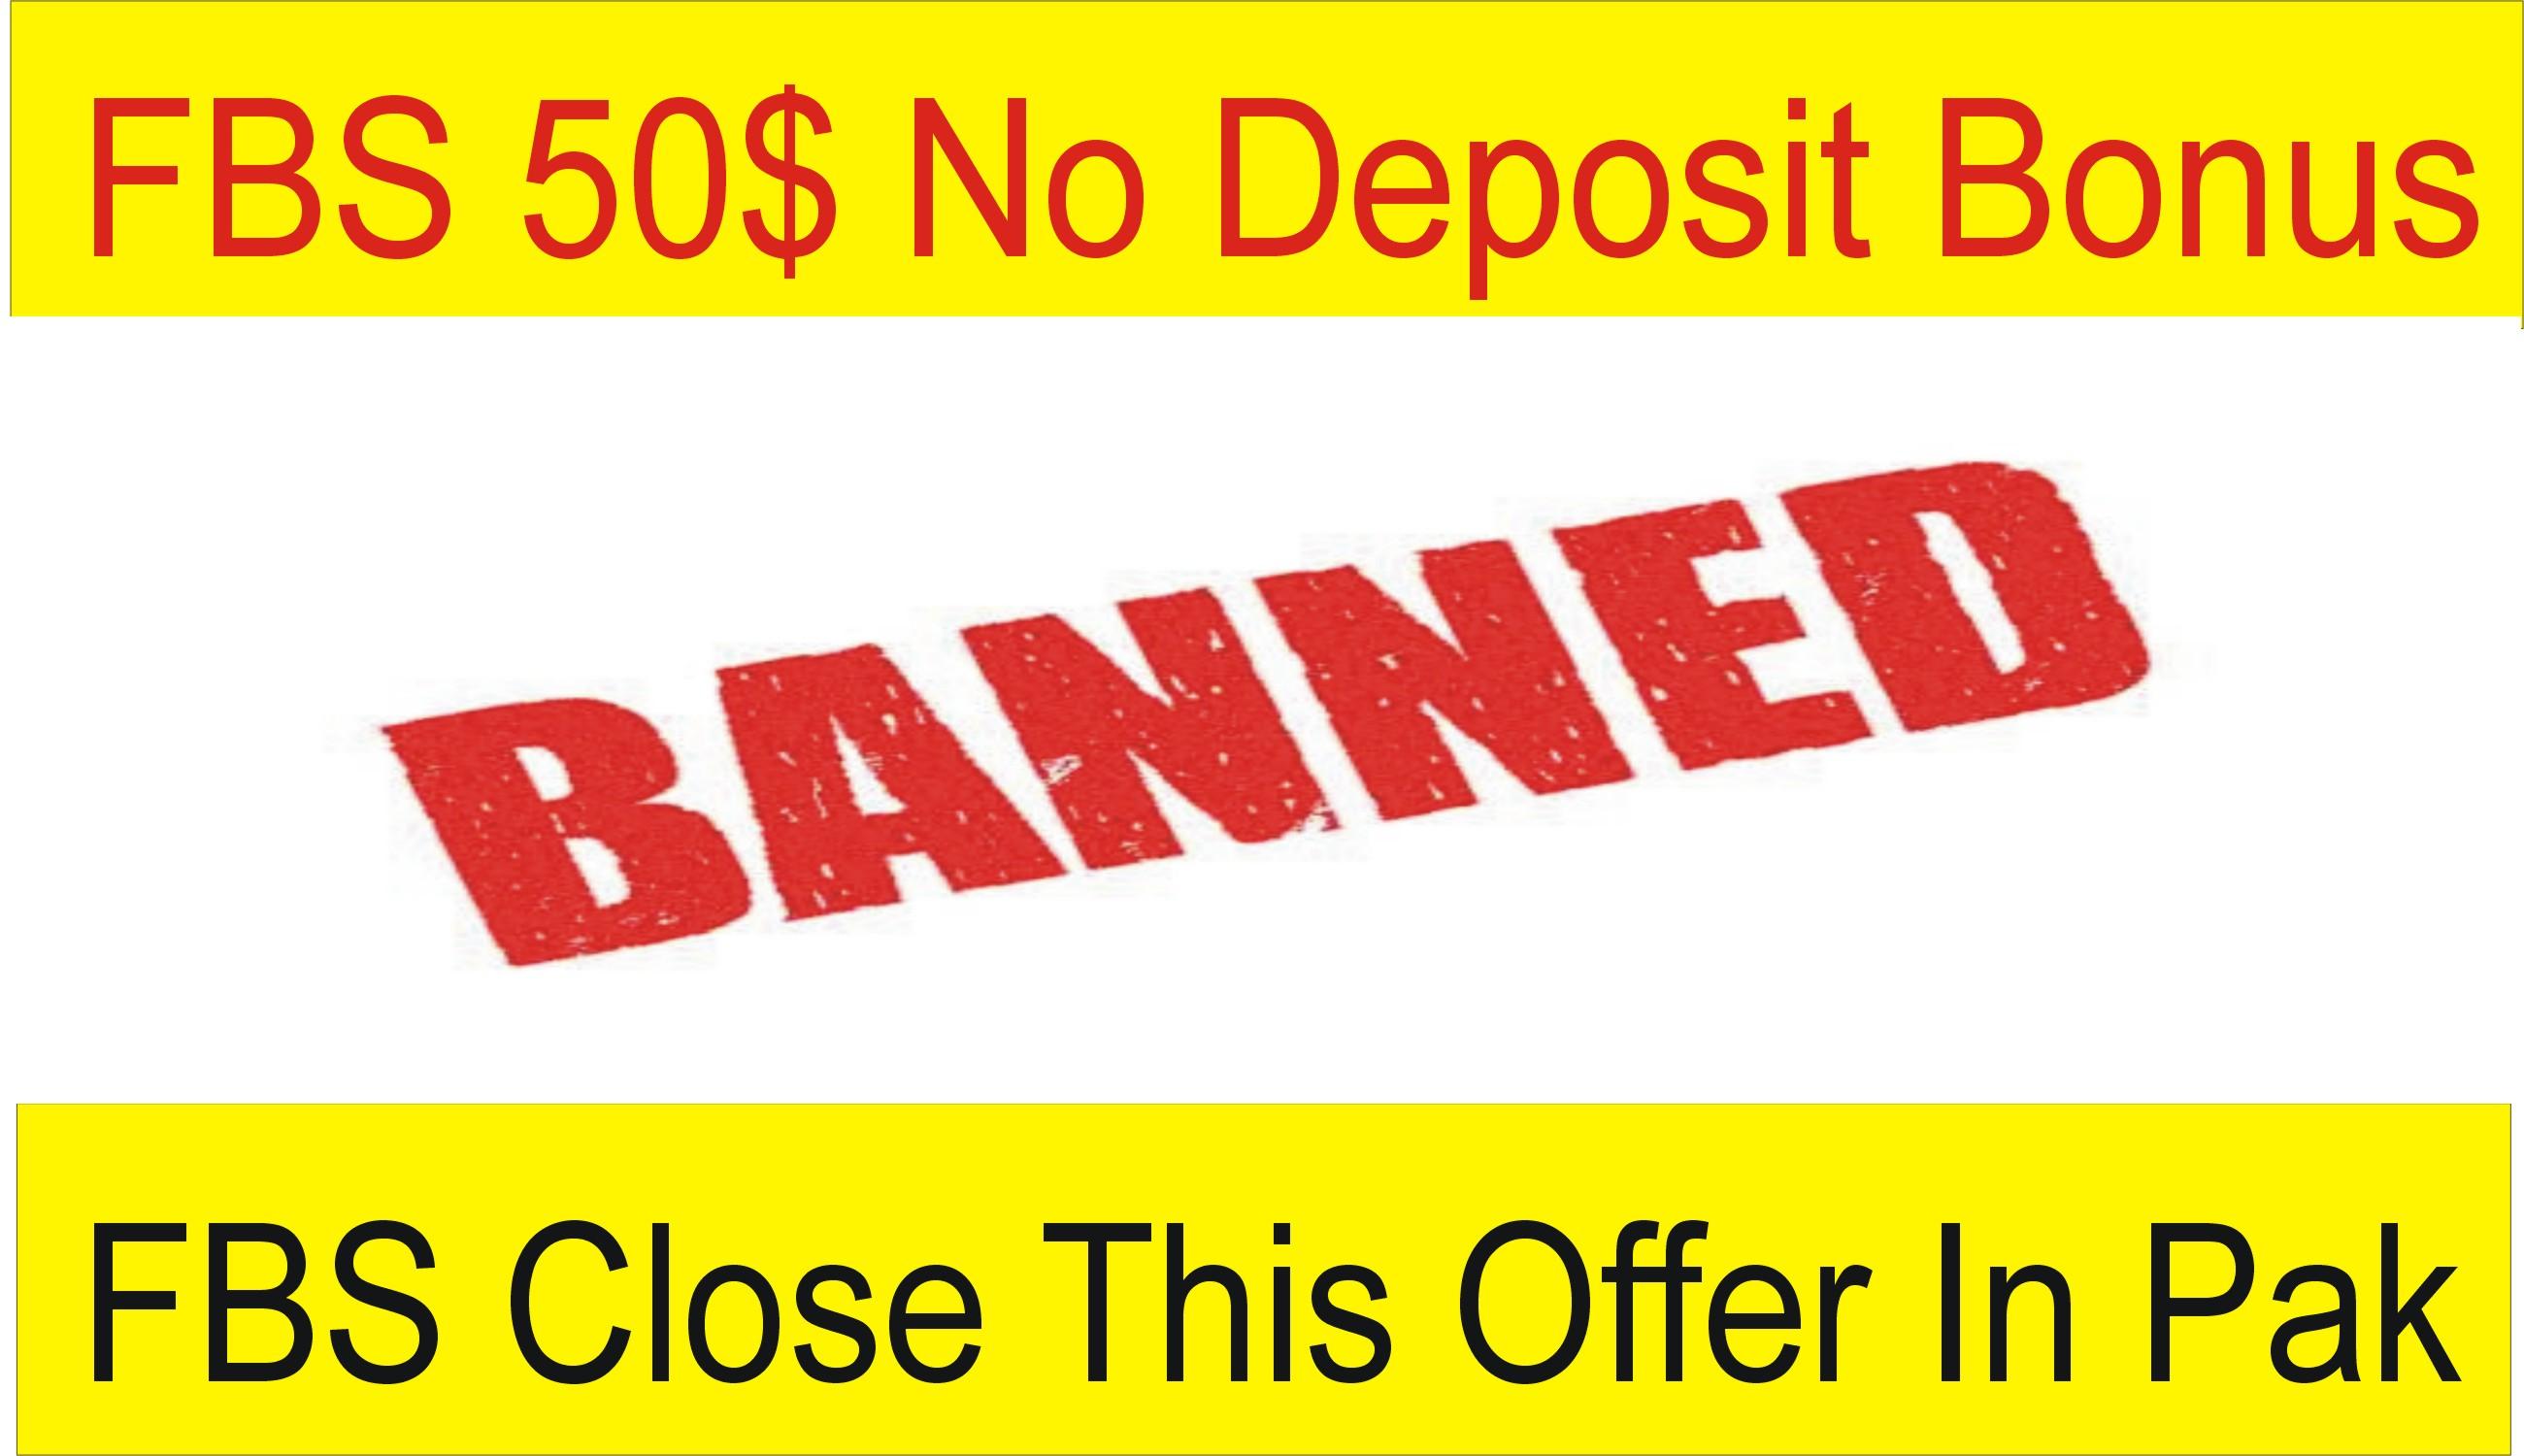 50$ No Deposit Bonus FBS Banned Pakistan, Bangladesh